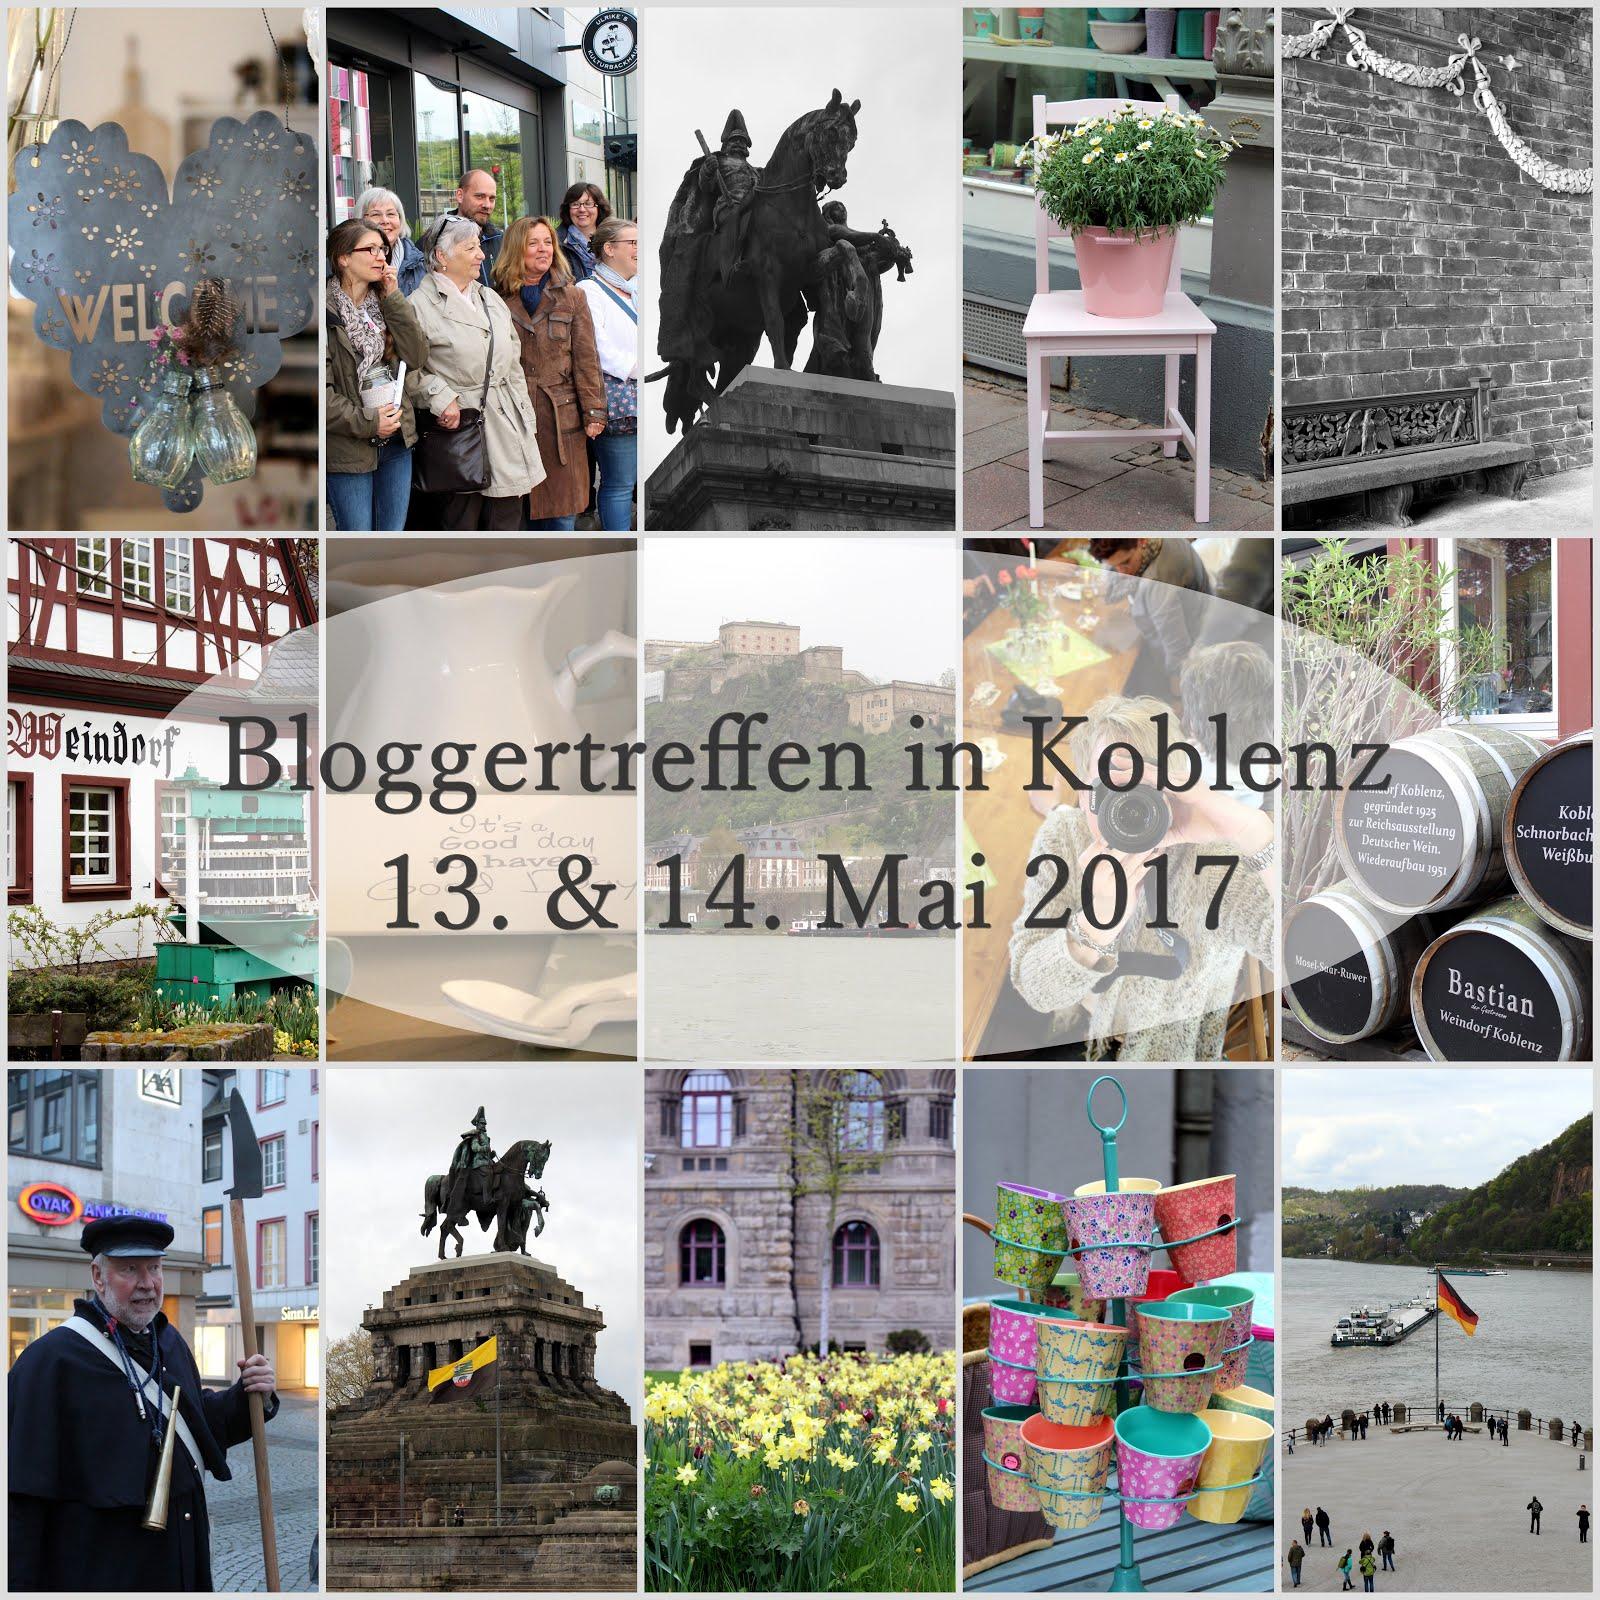 4. Bloggertreffen in Koblenz